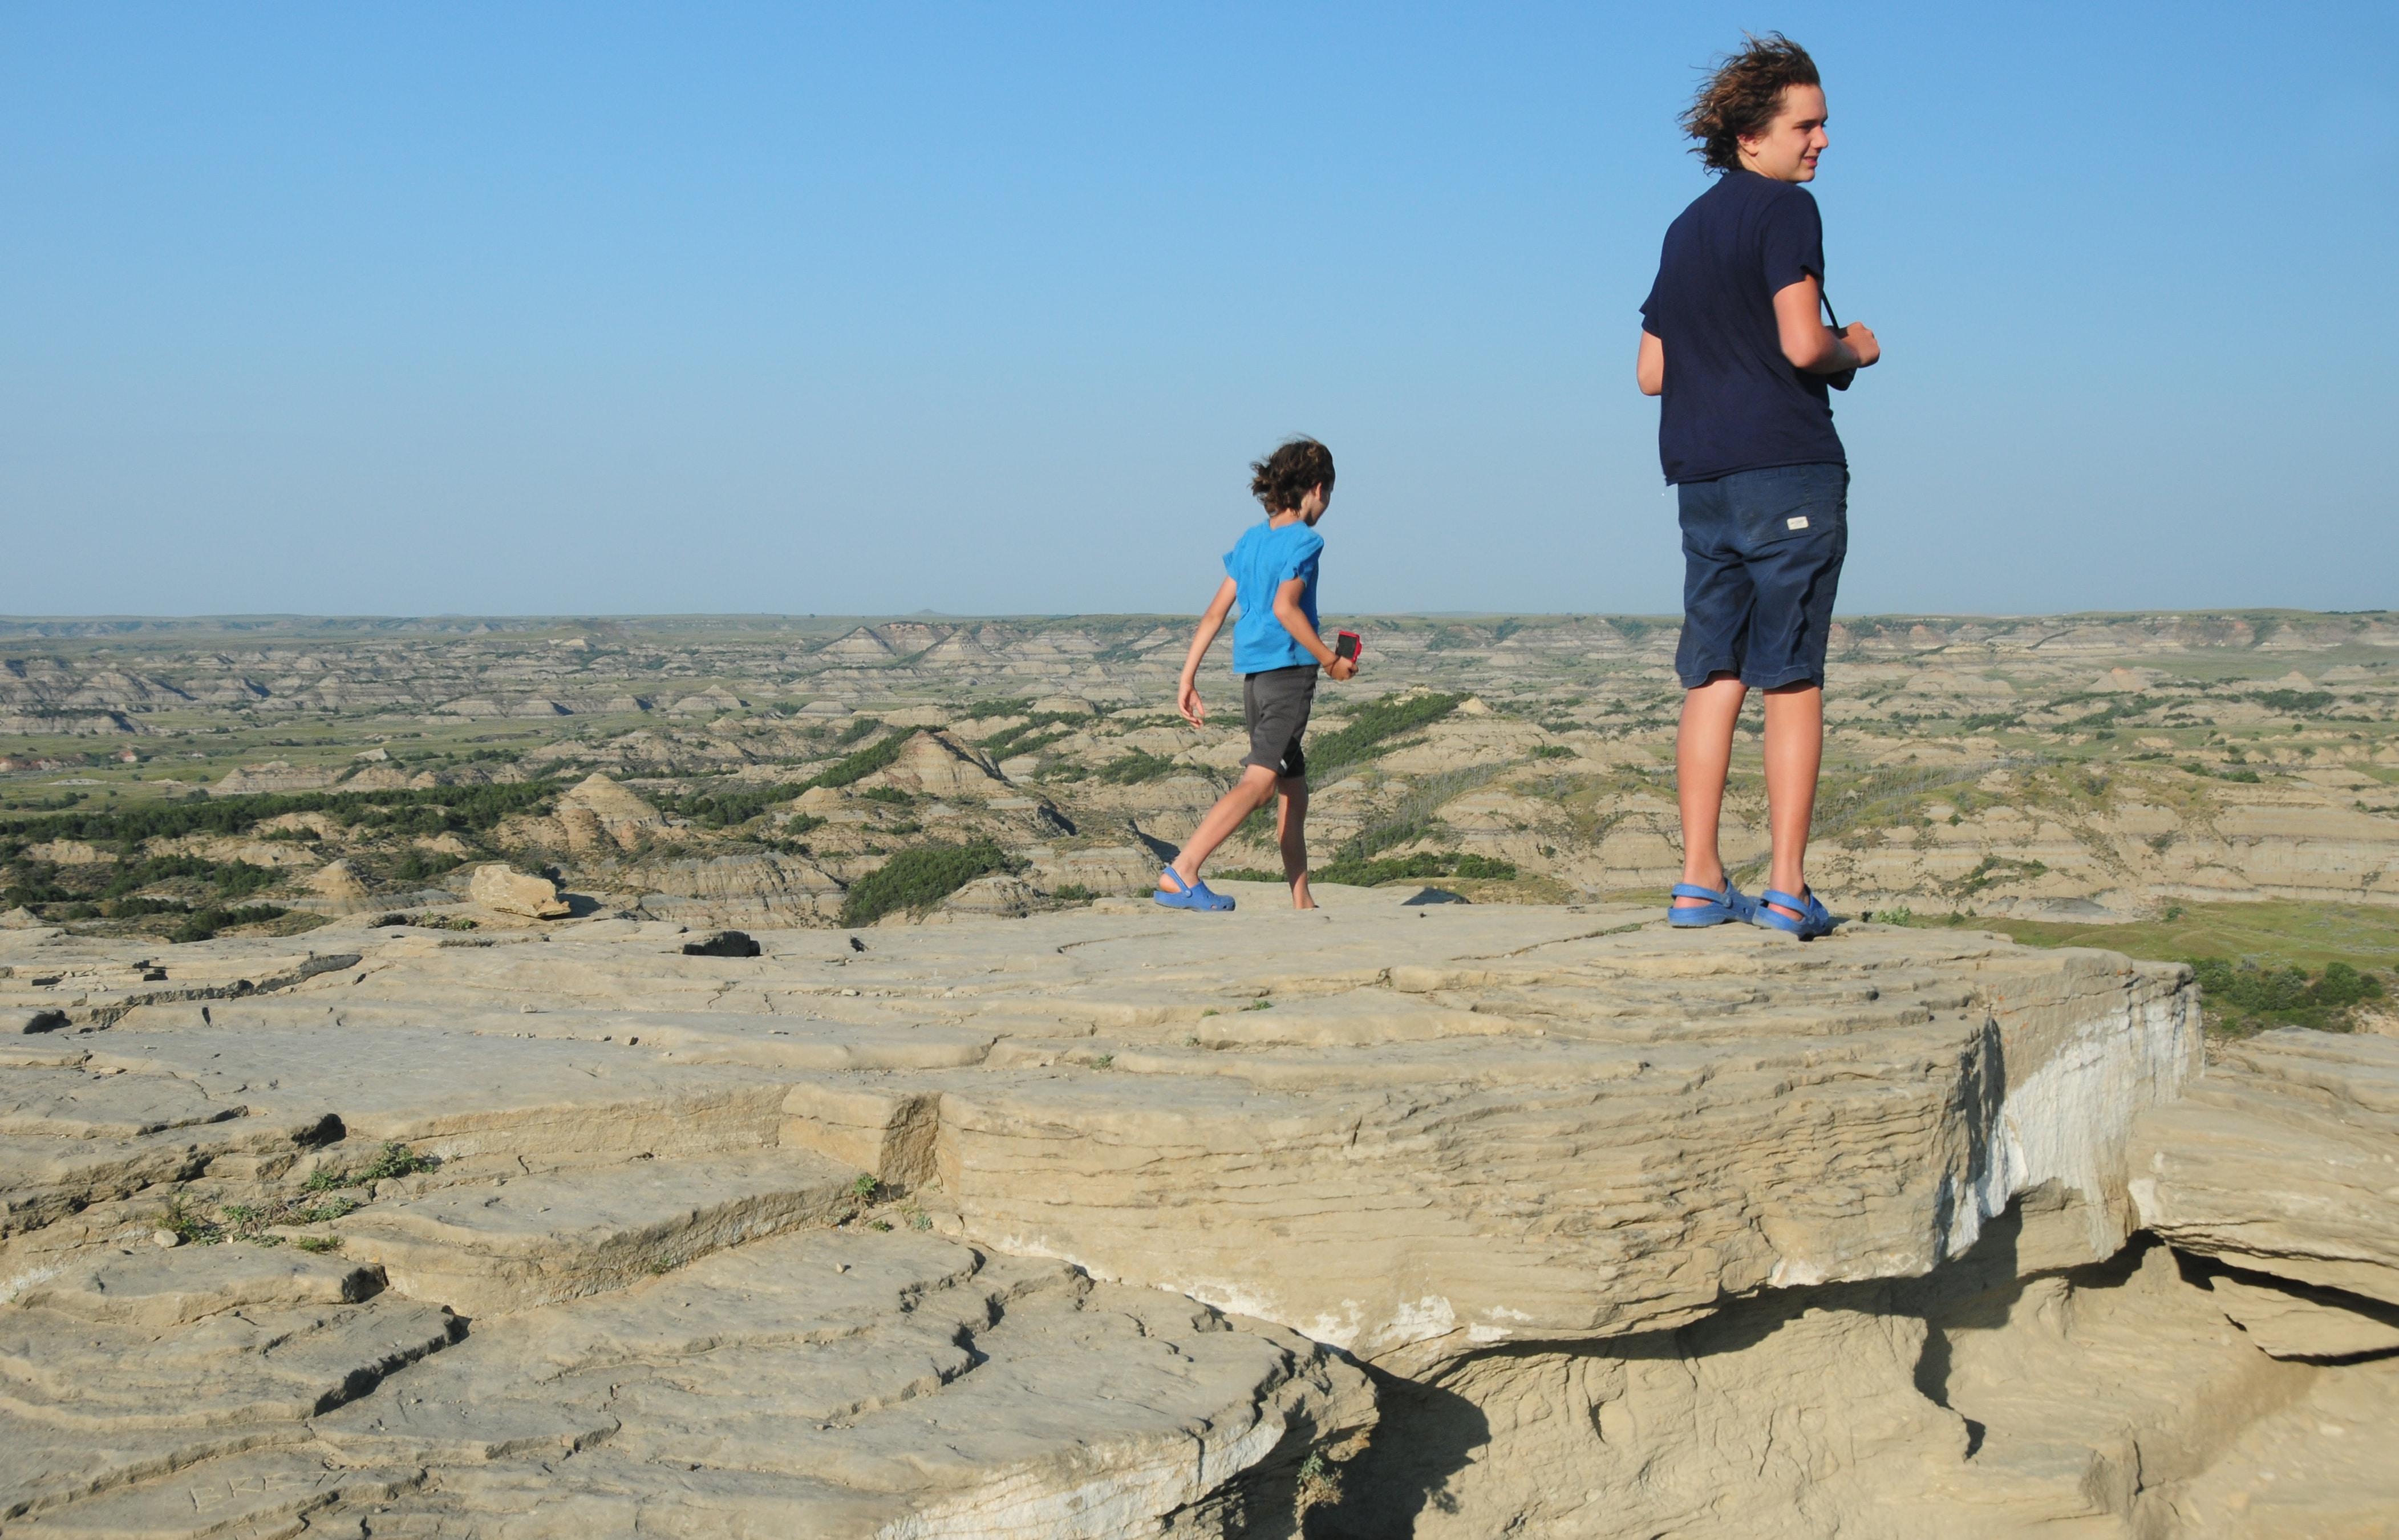 לא רק צילומי טבע - גם אנשים. הרוח הנושבת בשערם של ילדיי